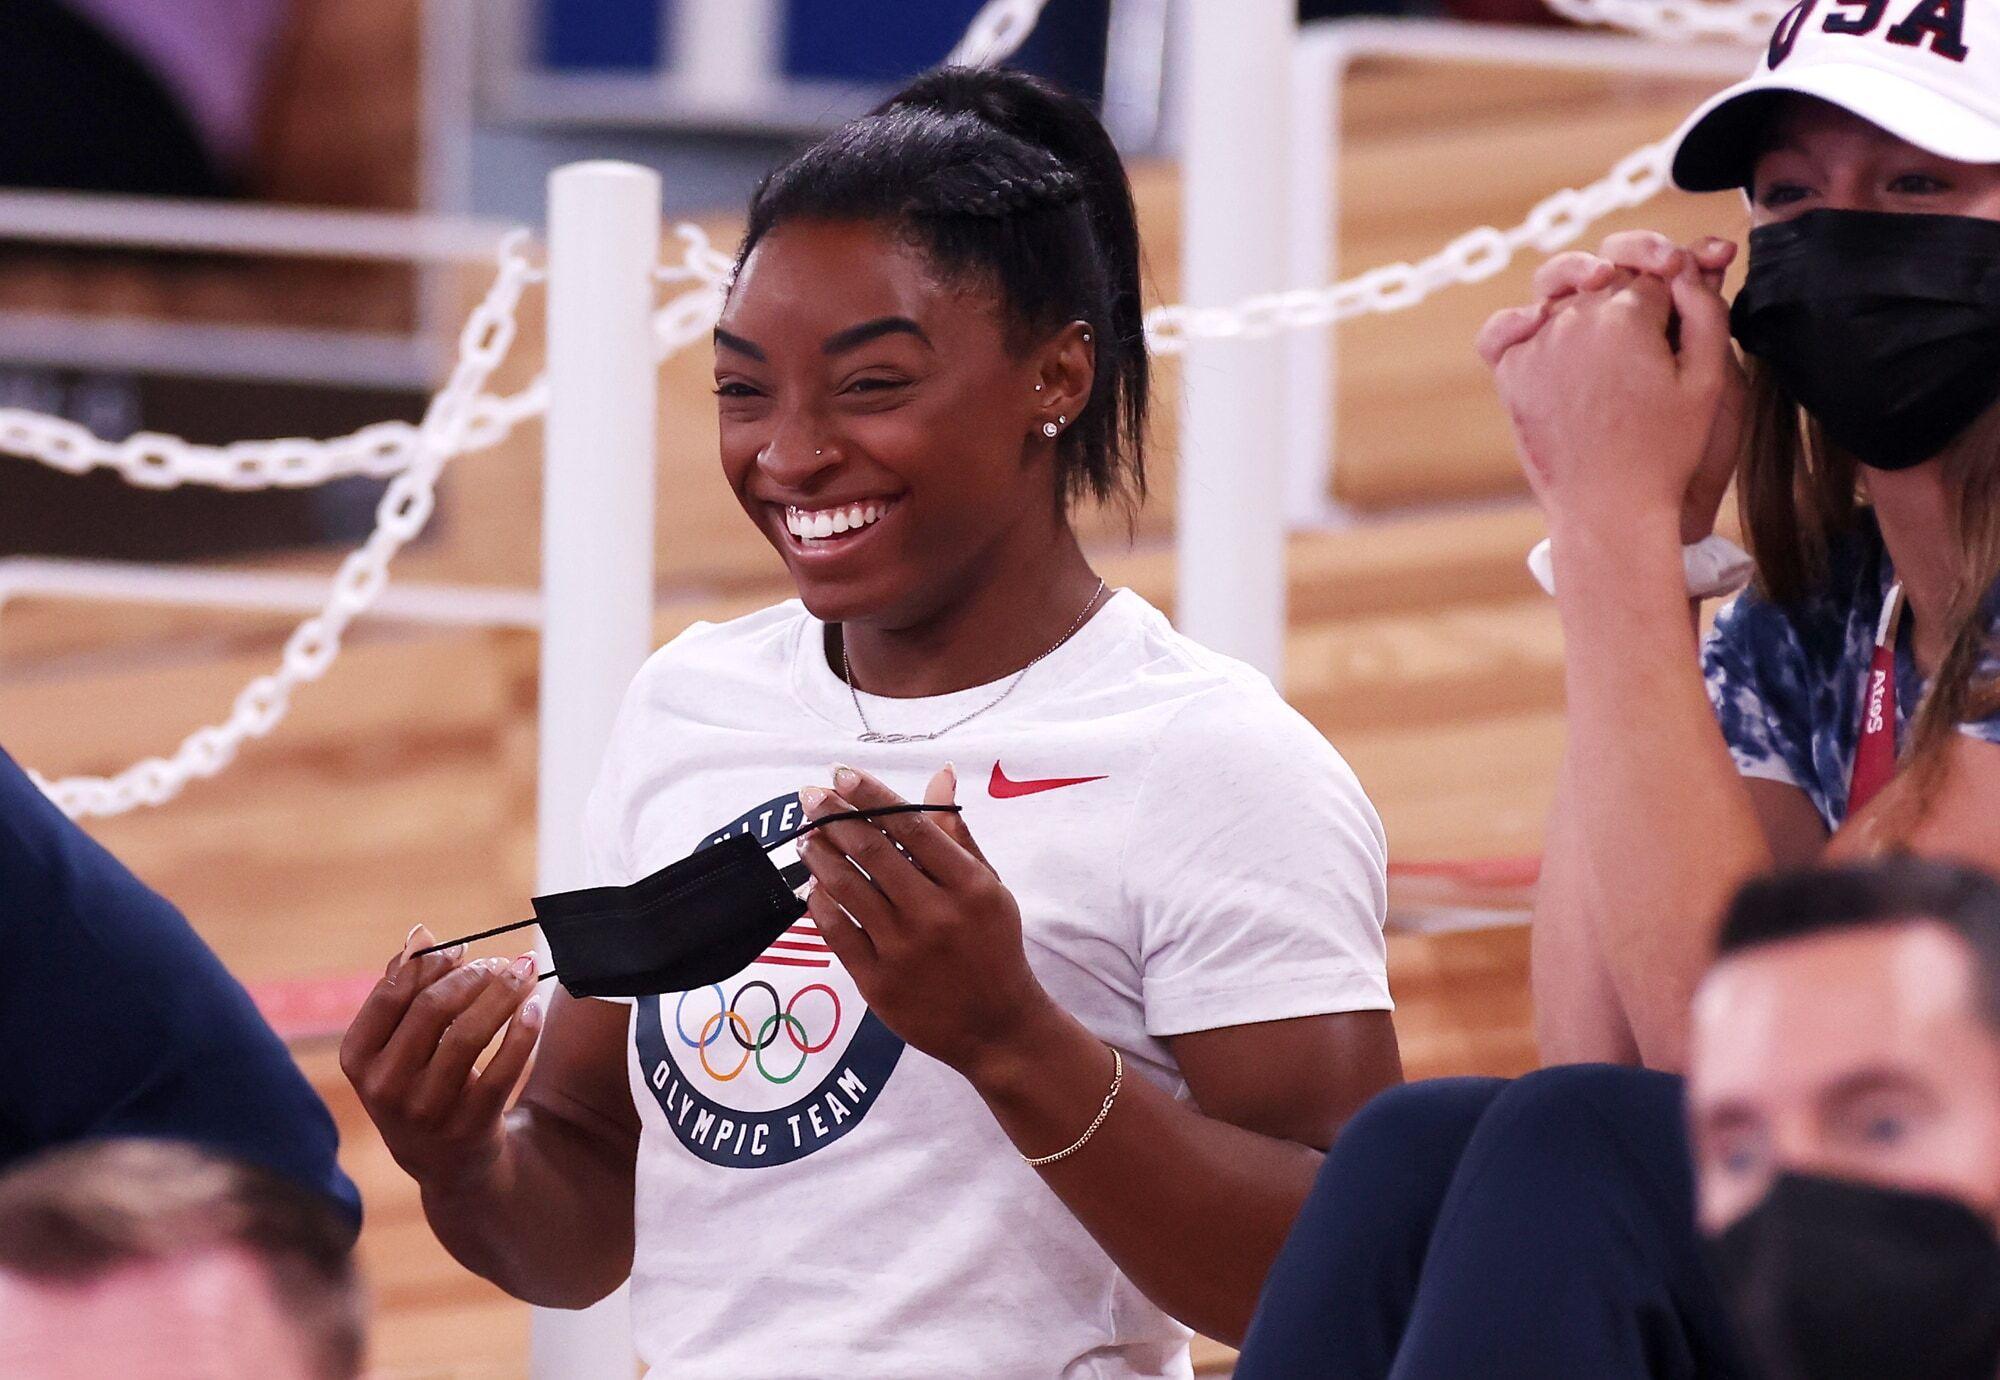 Olimpiadi torna Simone Biles gareggerà nella finale alla trave